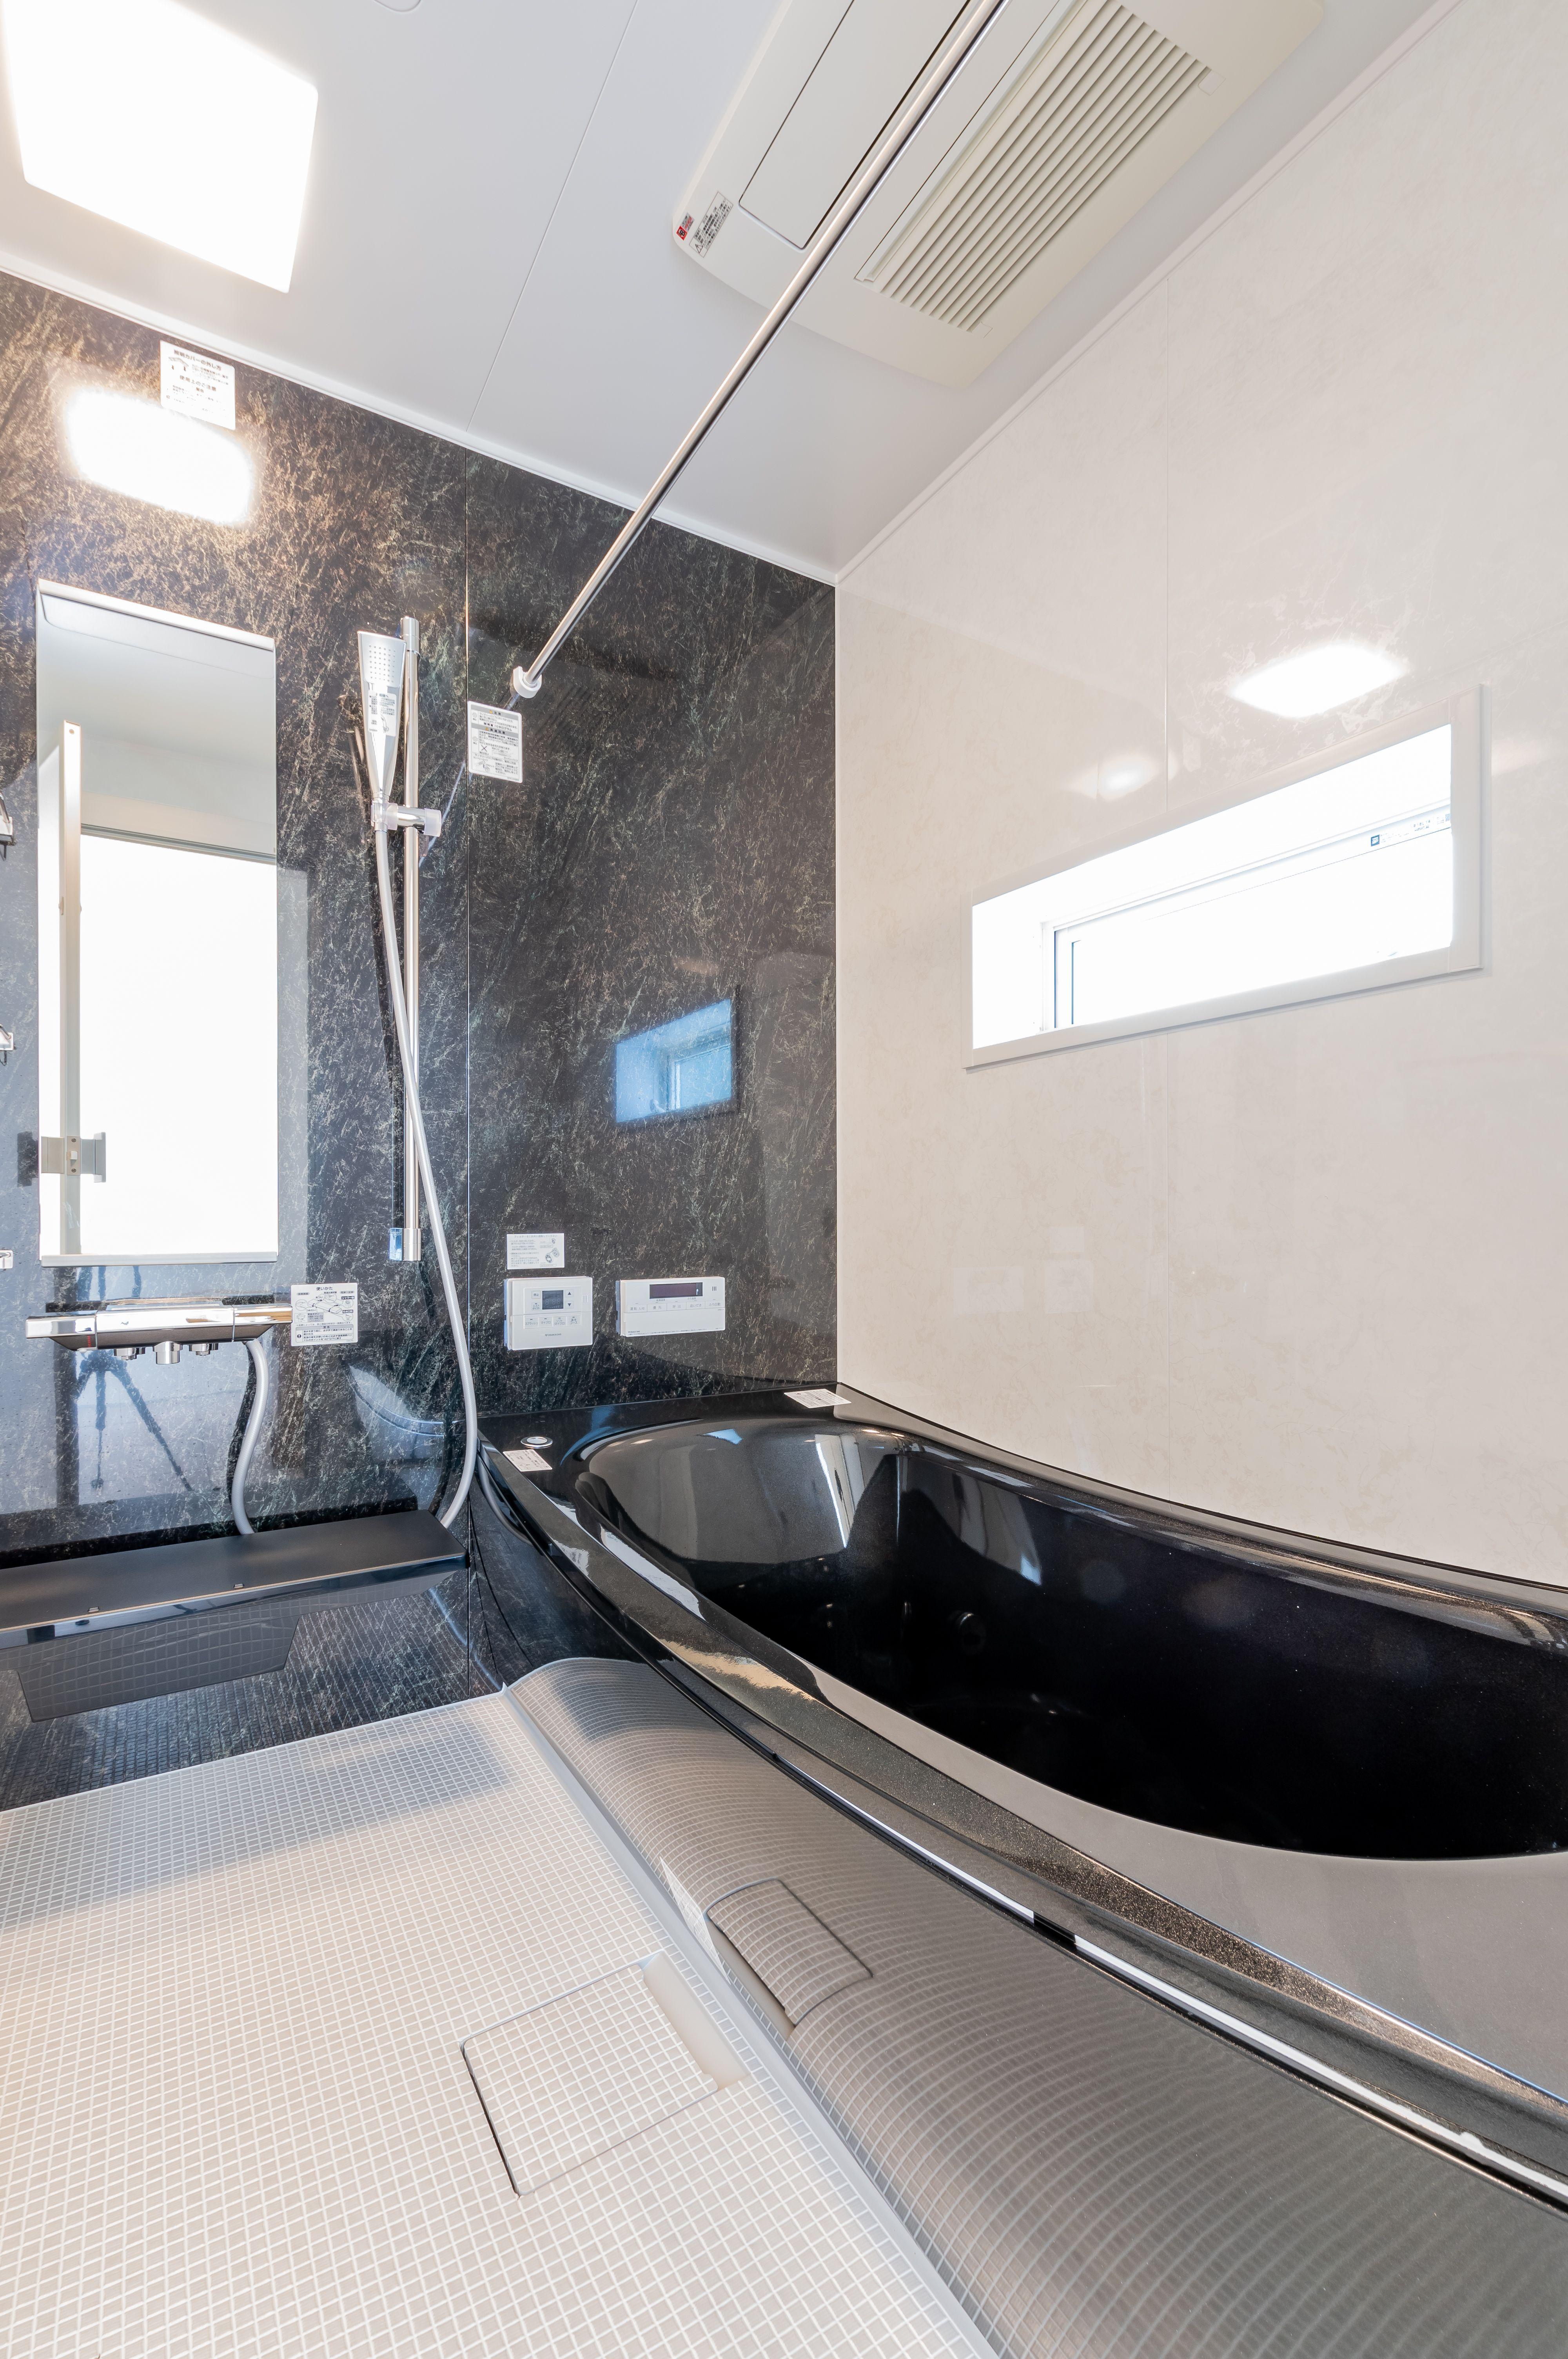 黒を基調としたかっこいいバスルーム ラメ入り浴槽が かっこよさだけでなく華やかさをプラスします 浴室 おしゃれ 浴室 デザイン バスルームのアイデア